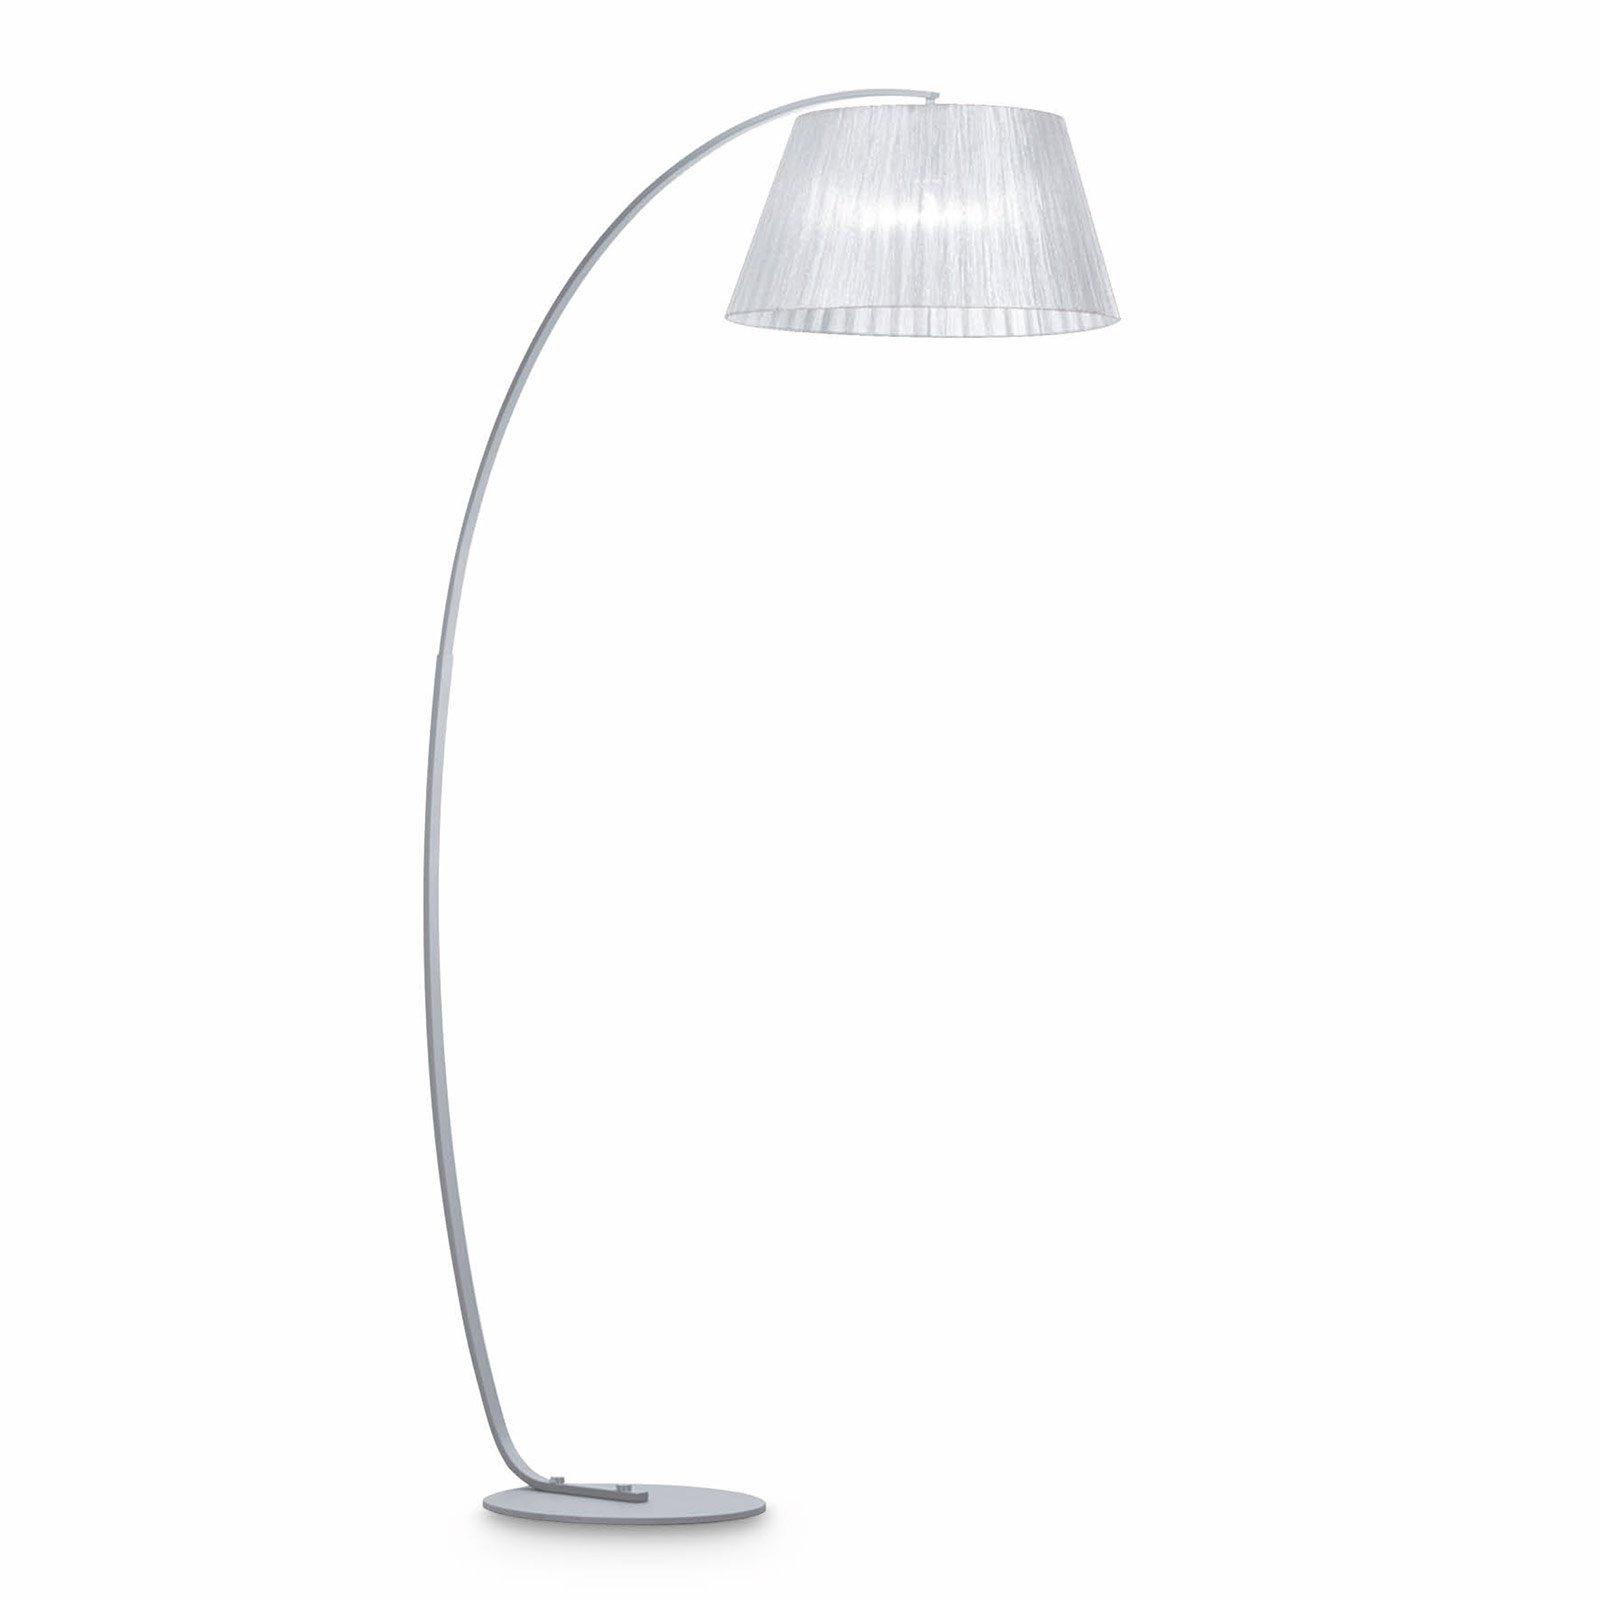 Lampade da terra per ogni ambiente cose di casa for Lampada arco ikea